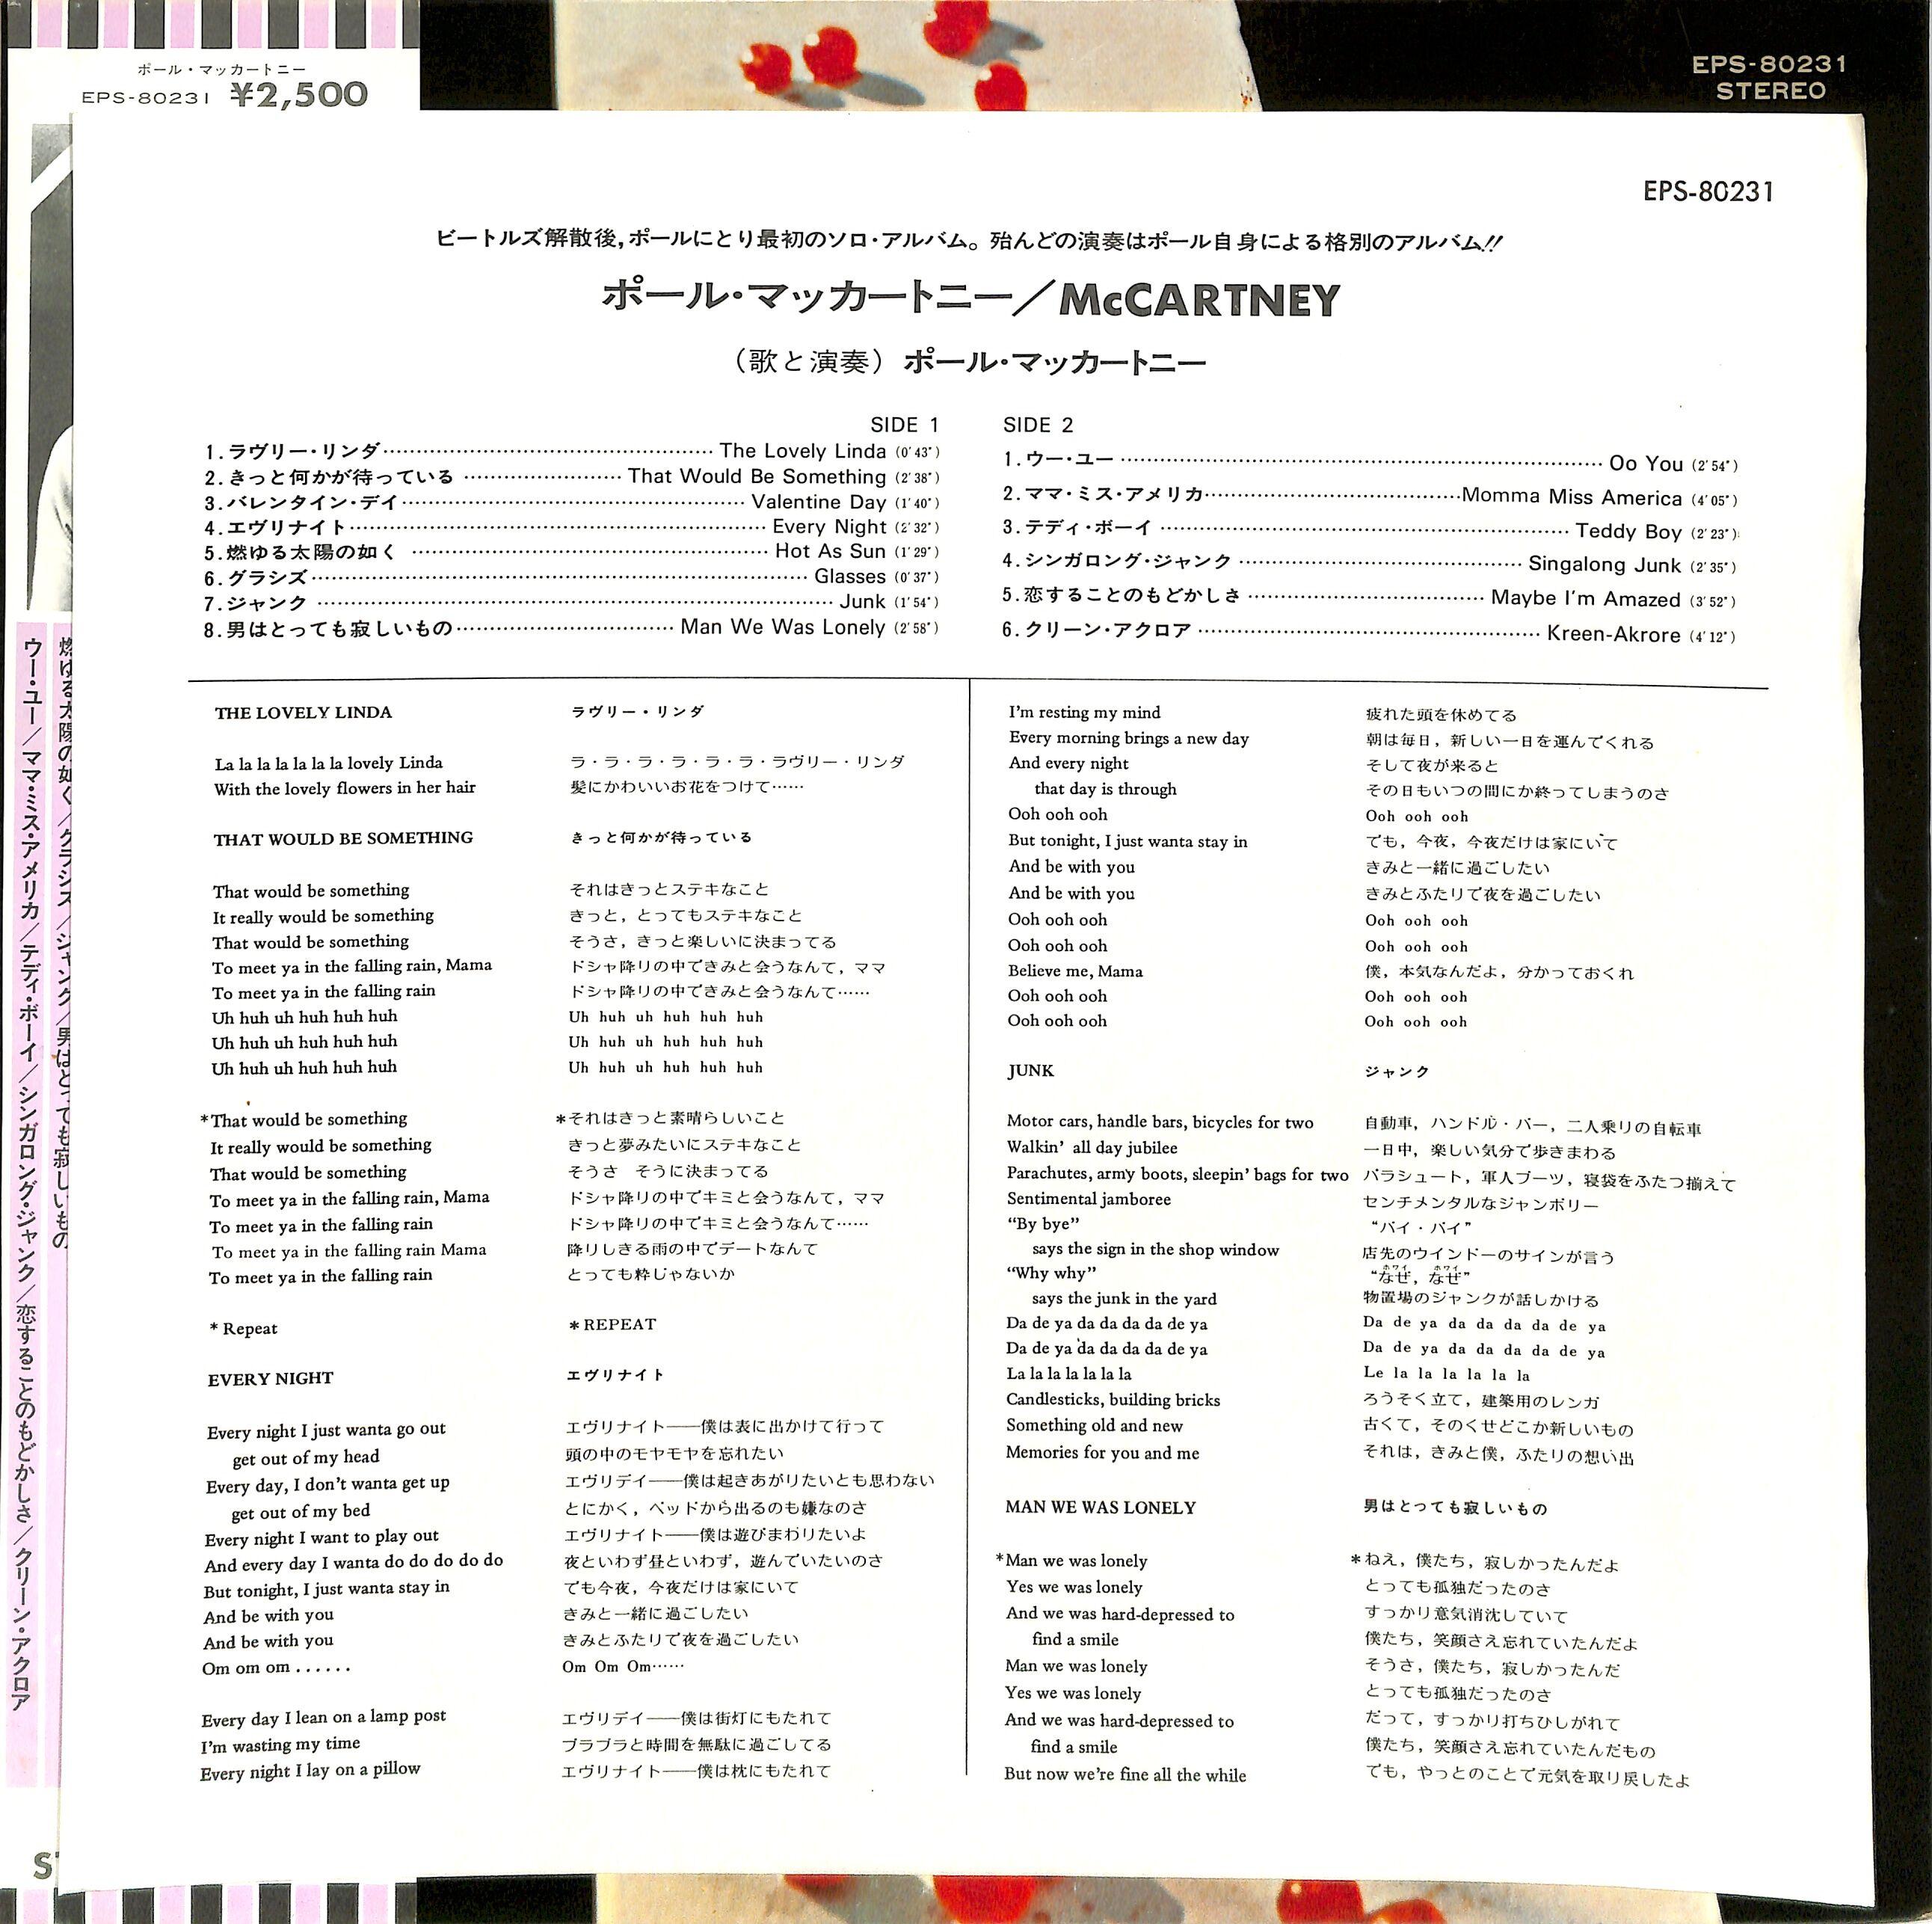 https://p1-e6eeae93.imageflux.jp/booksch/e762bf1d52280e19e157.jpg